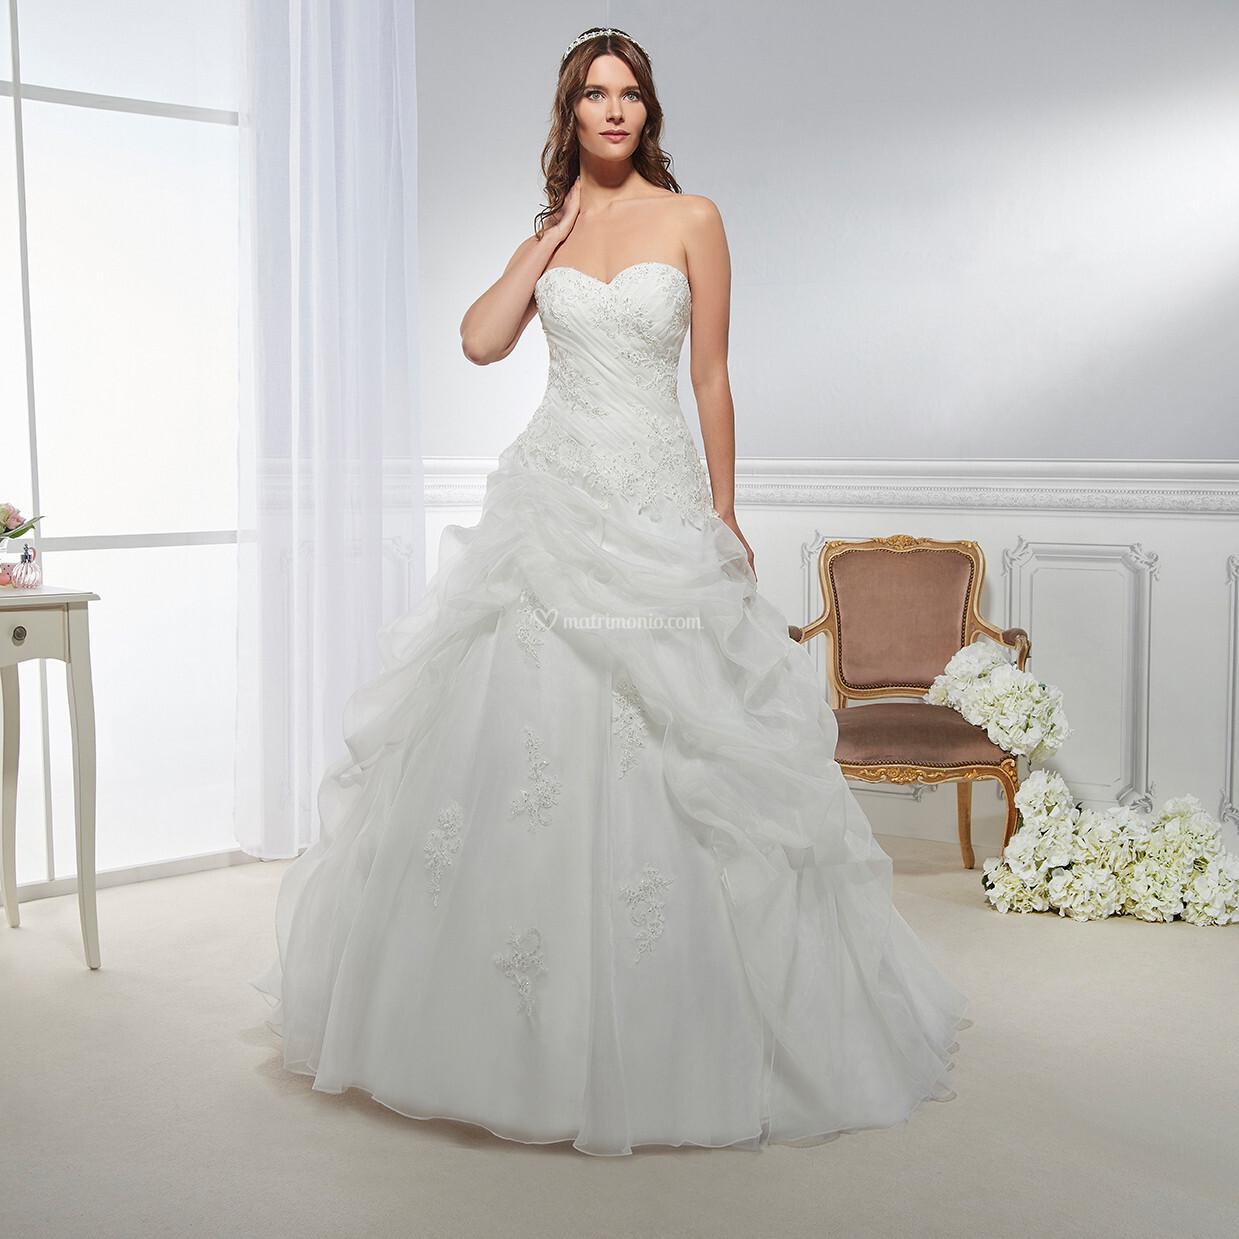 9a2d10e51d79 Abiti da Sposa di Collector - Matrimonio.com